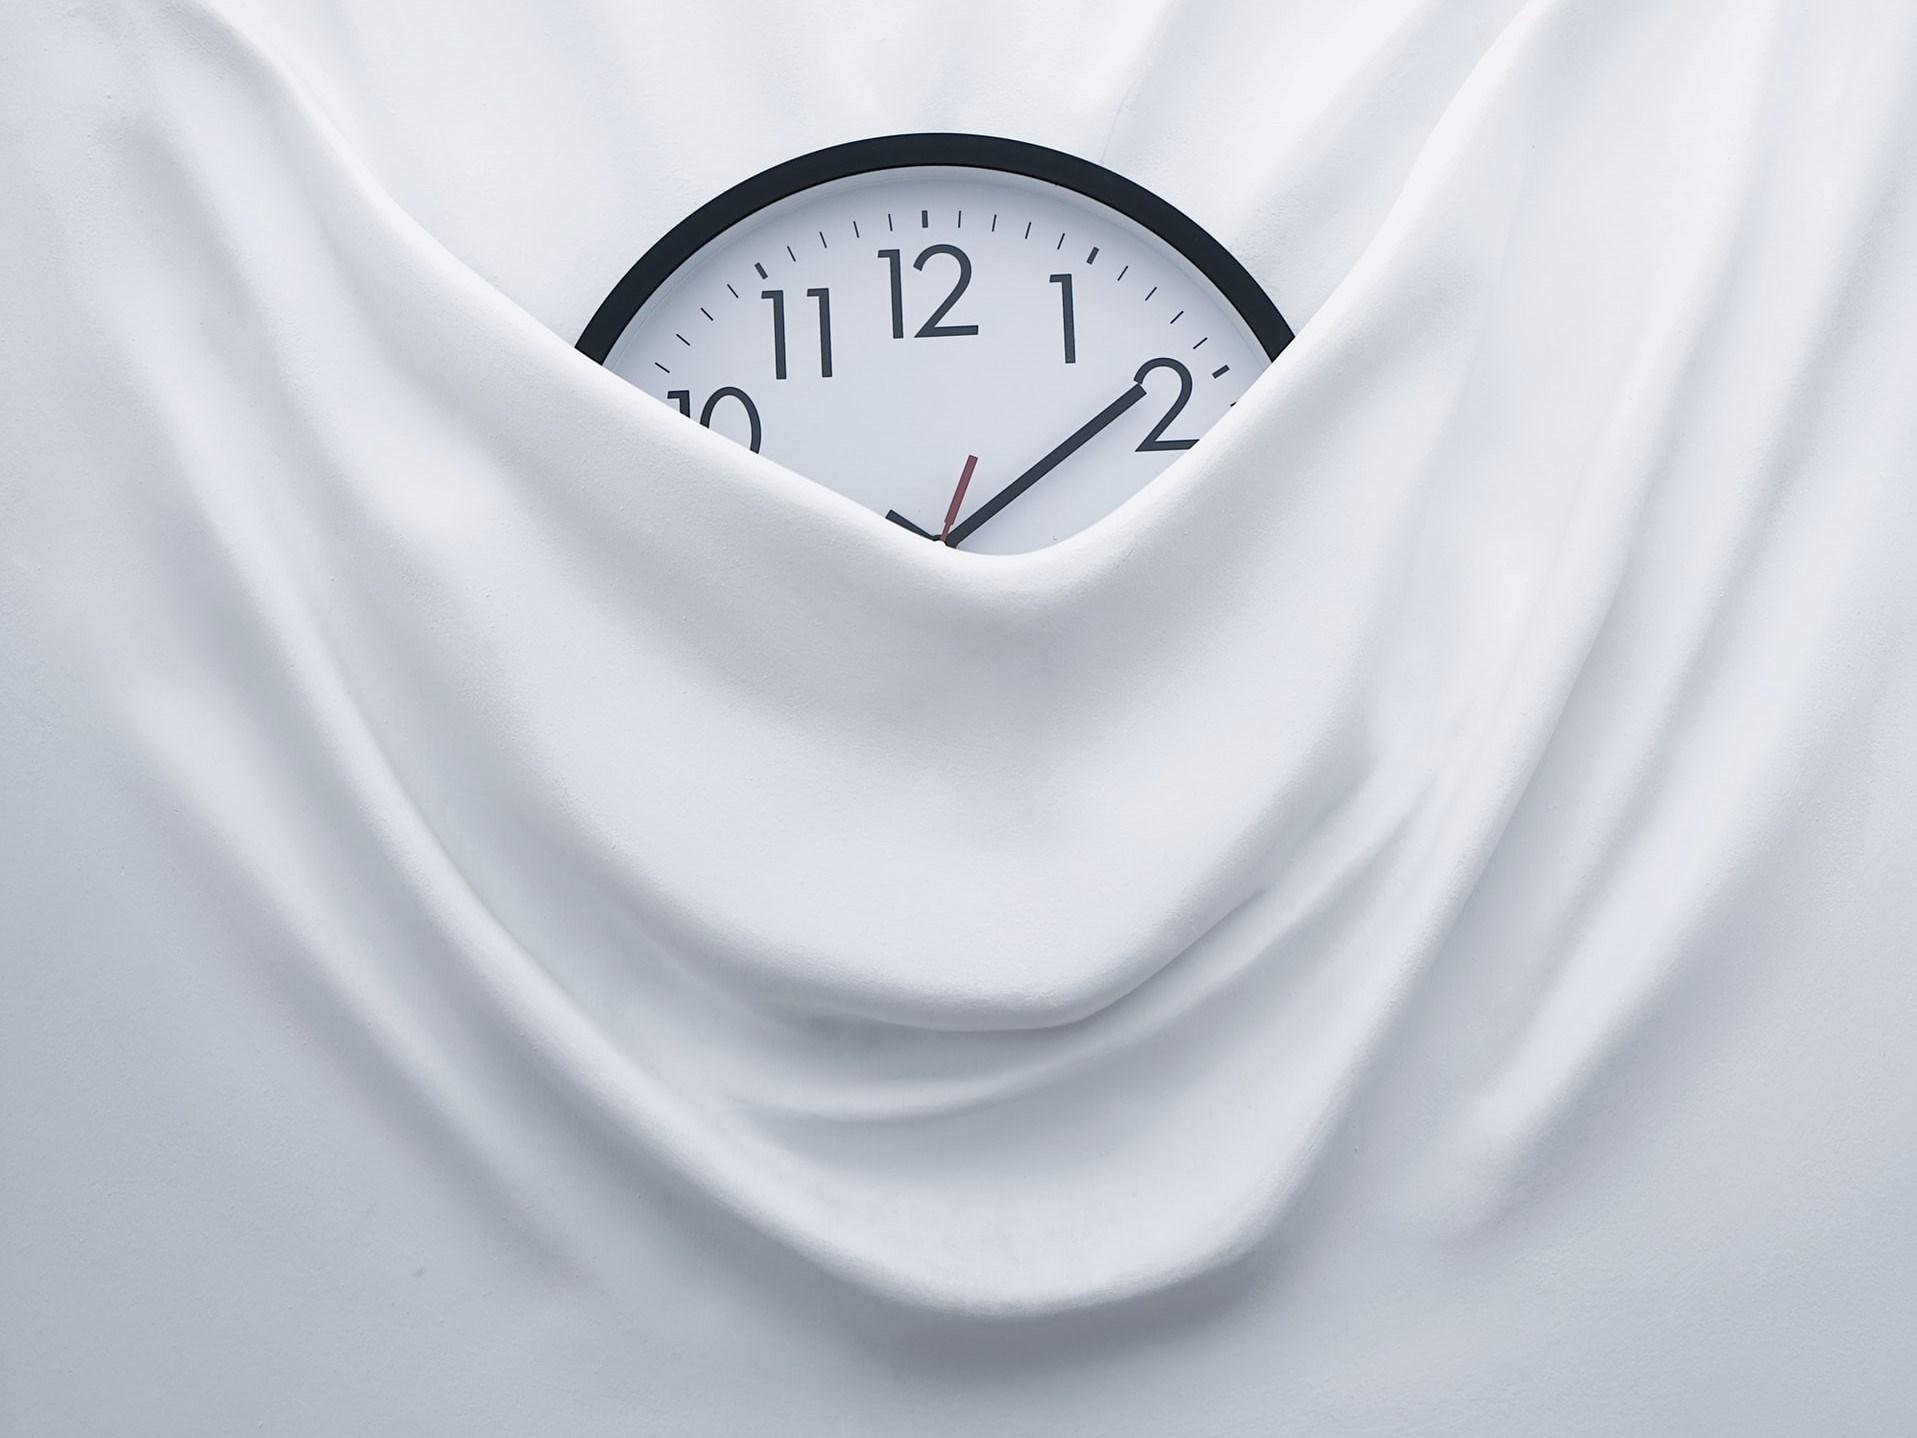 Clock Behind Blanket